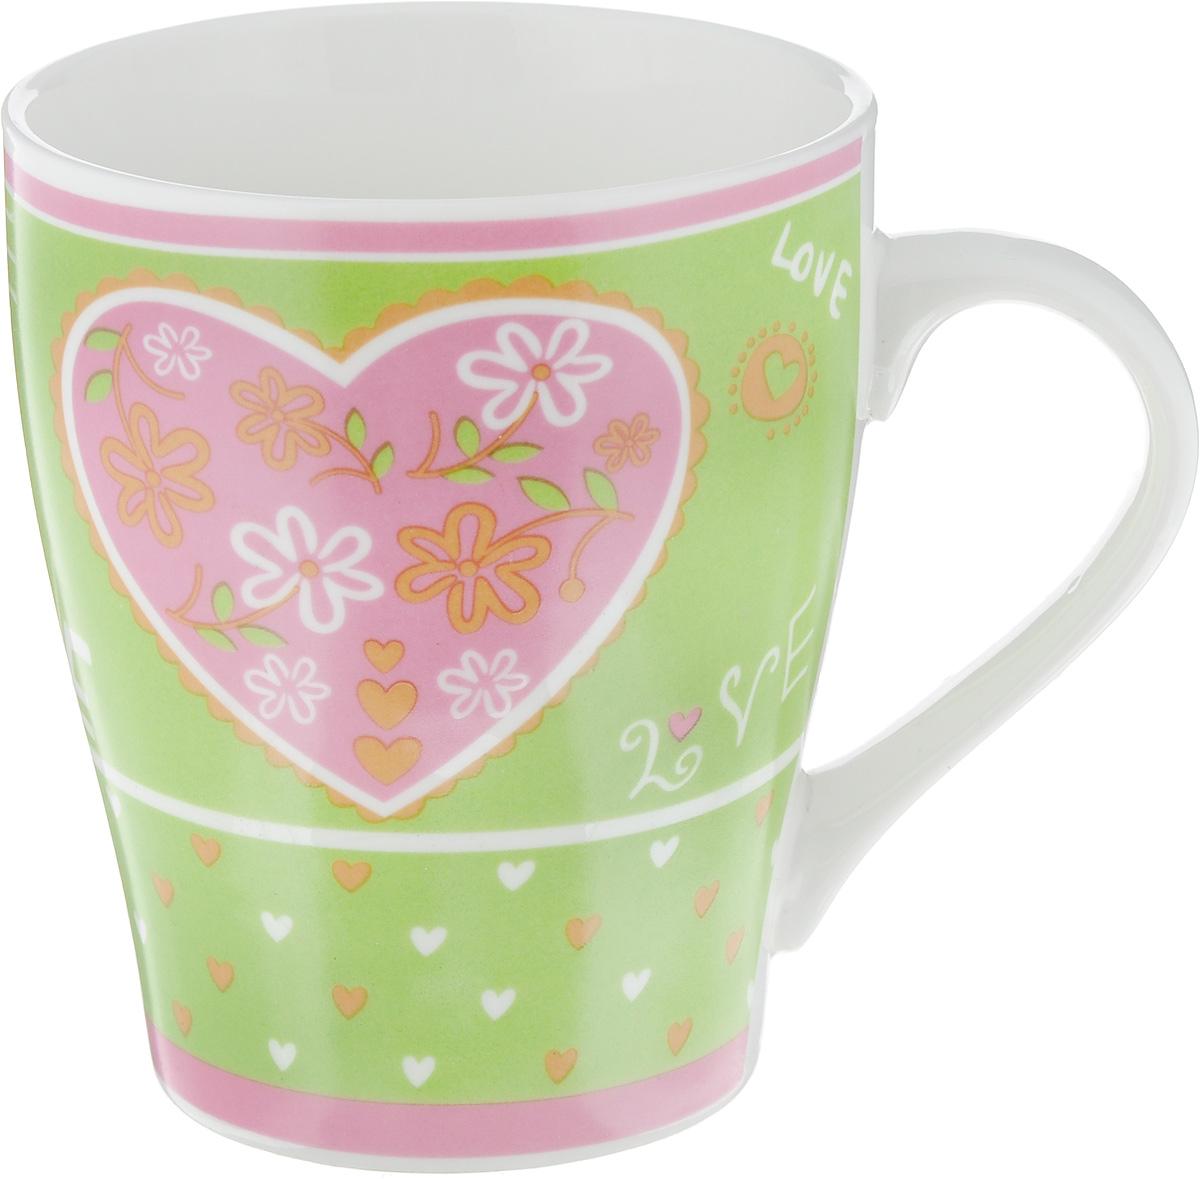 Кружка Loraine Сердце, цвет: зеленый, 350 мл22113_зеленыйКружка Loraine изготовлена из прочного качественного костяного фарфора. Изделие оформлено красочным рисунком. Благодаря своим термостатическим свойствам, изделие отлично сохраняет температуру содержимого - морозной зимой кружка будет согревать вас горячим чаем, а знойным летом, напротив, радовать прохладными напитками. Такой аксессуар создаст атмосферу тепла и уюта, настроит на позитивный лад и подарит хорошее настроение с самого утра. Это оригинальное изделие идеально подойдет в подарок близкому человеку. Диаметр (по верхнему краю): 8,5 см. Высота кружки: 10 см.